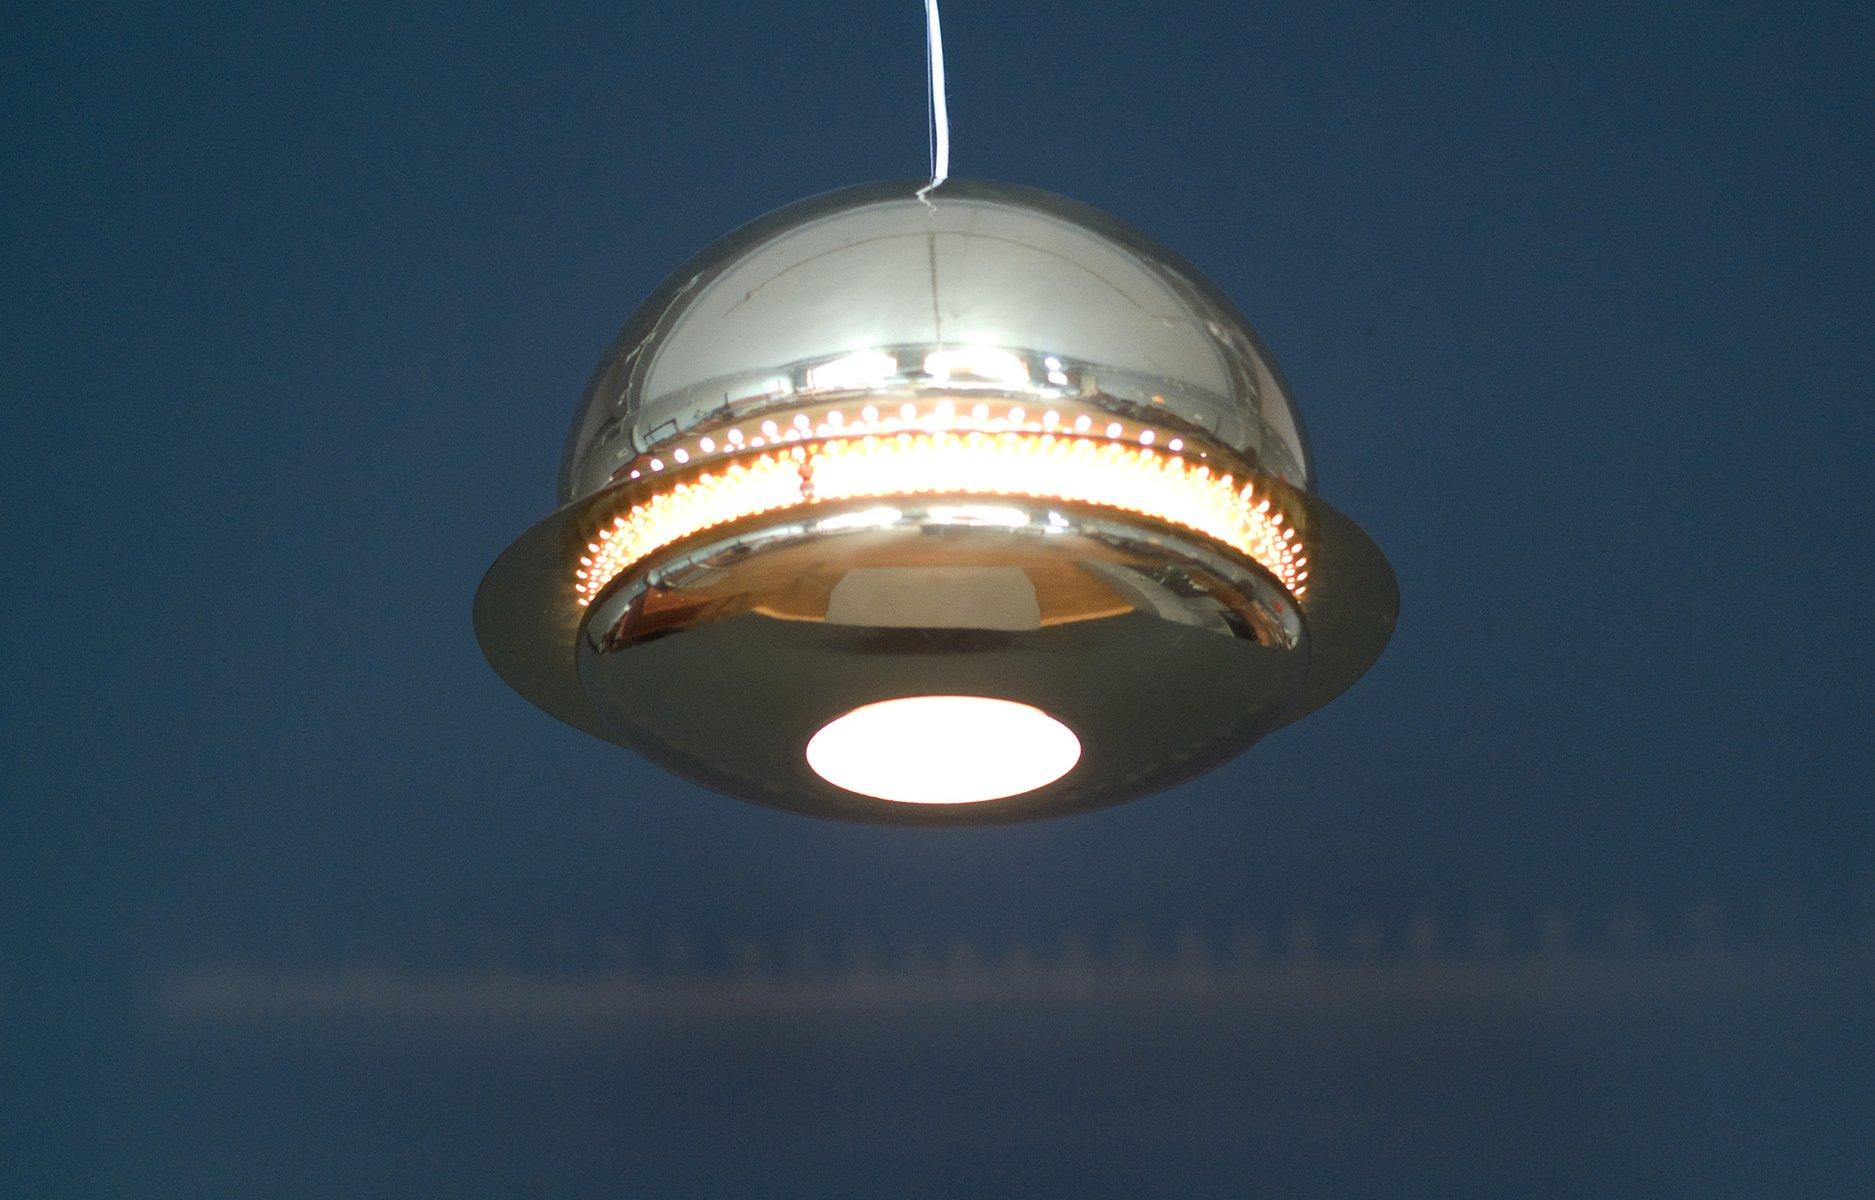 Lampada a sospensione nictea in ottone di tobia scarpa per for Lampada flos sospensione